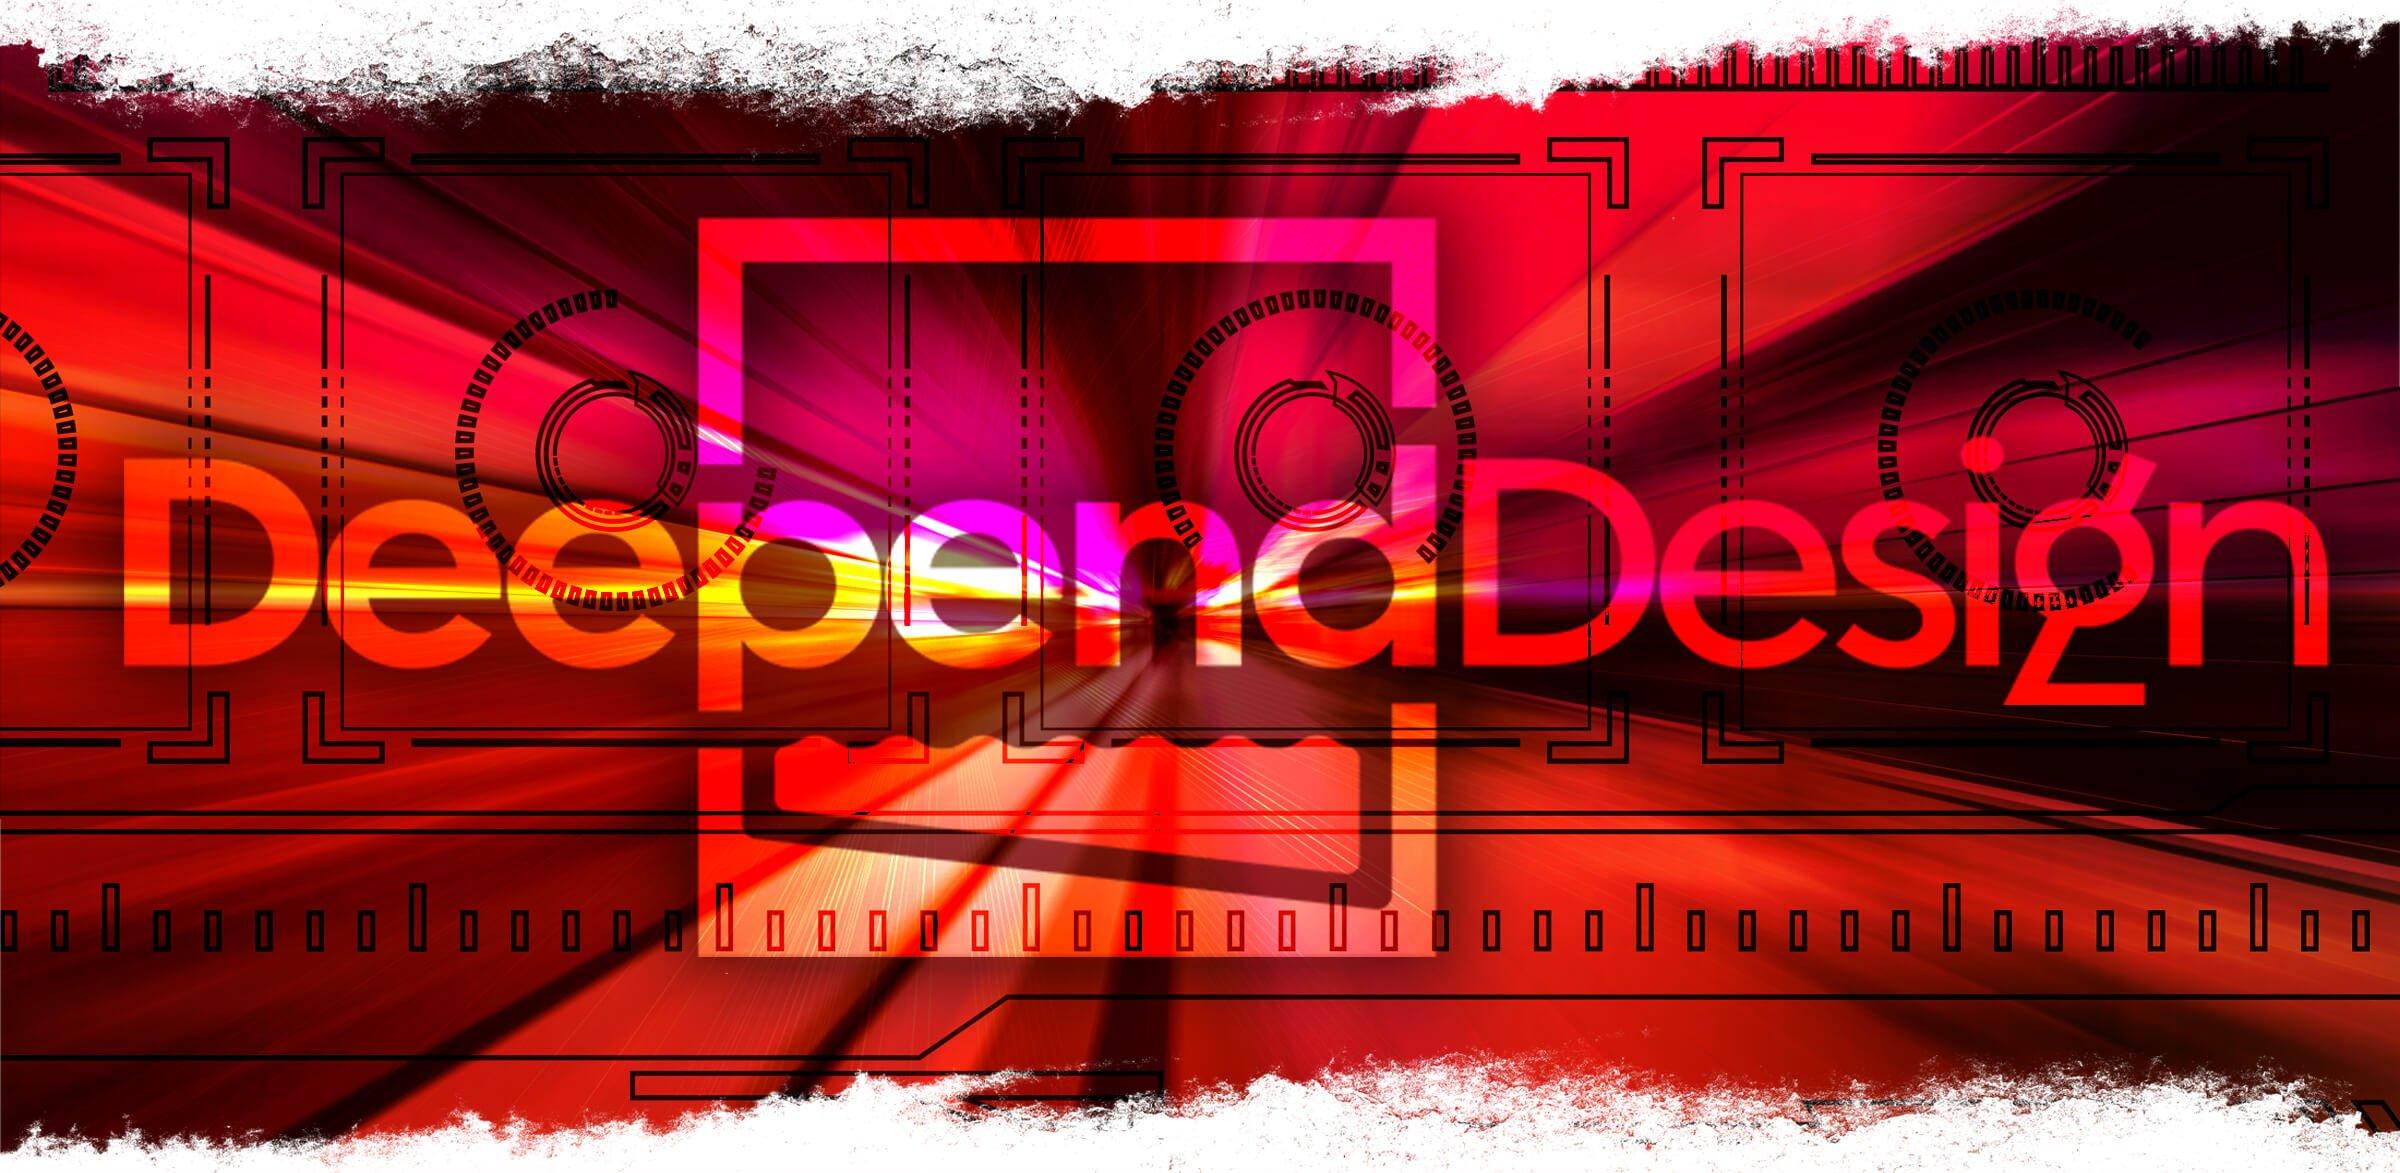 Deepend Design